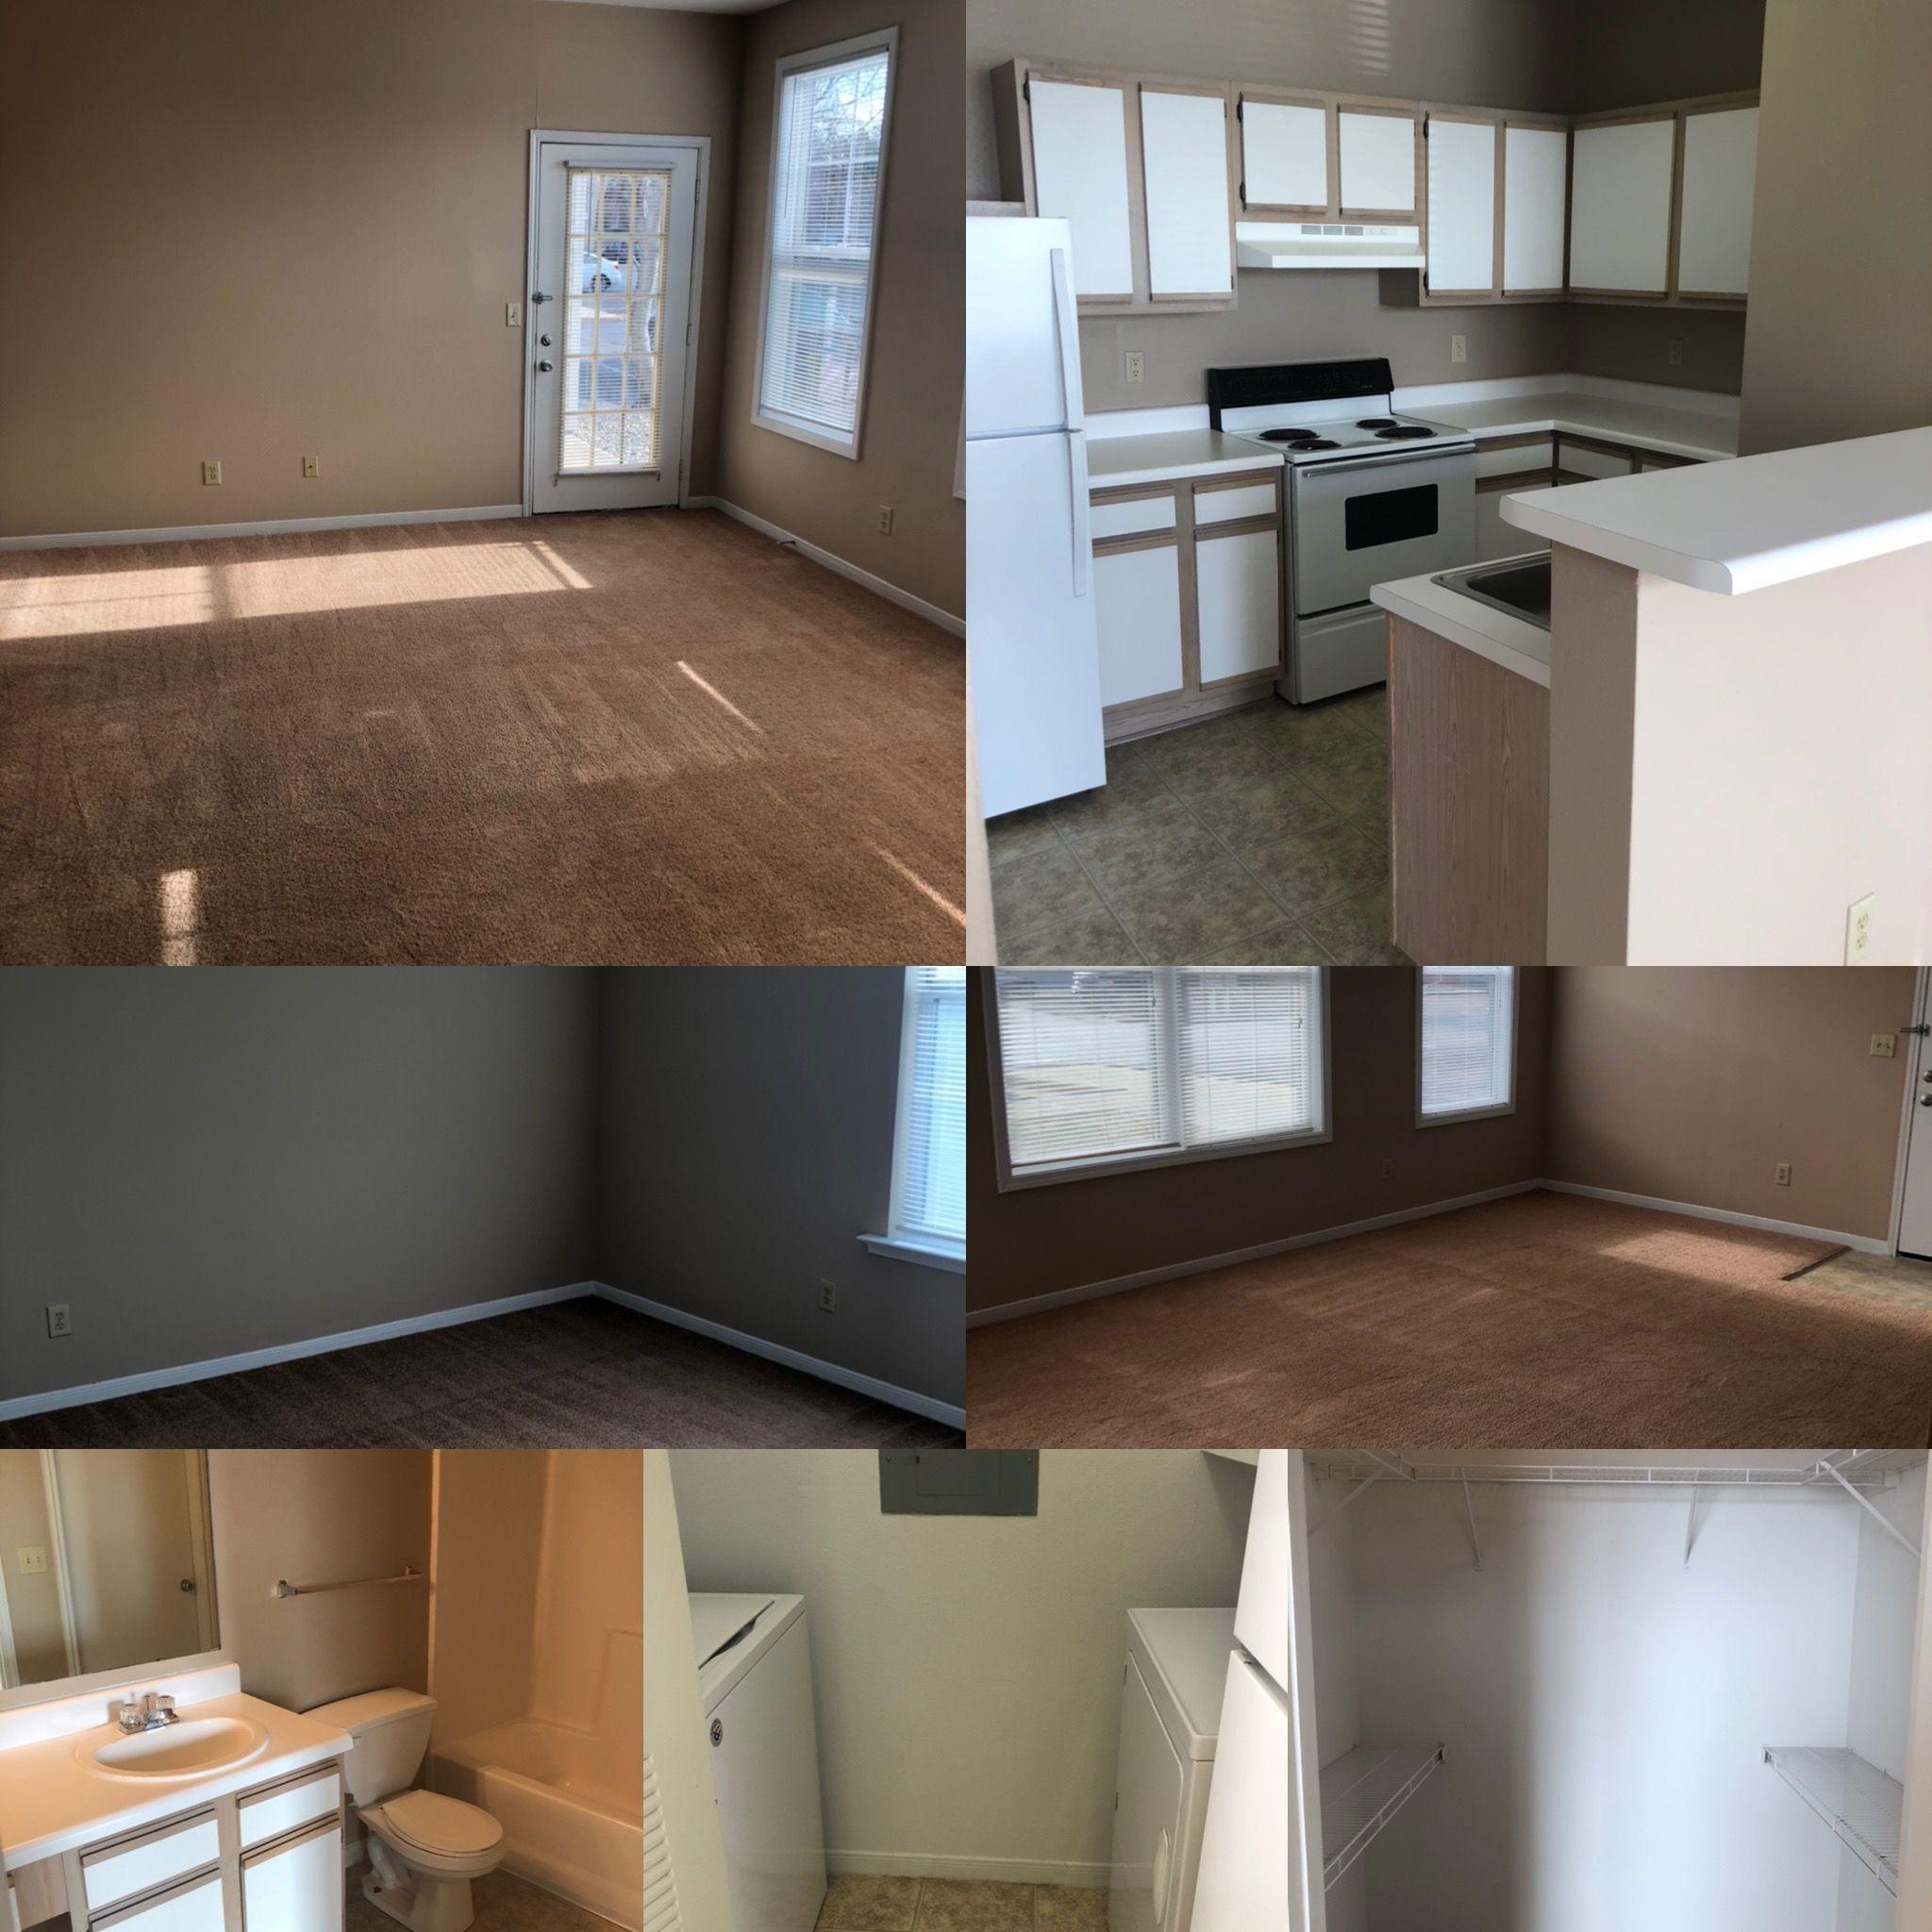 Ground Floor 1 Bedroom 1 Bathroom 680 Sq Ft Bathroom Units Open Concept Floor Plans Apartment